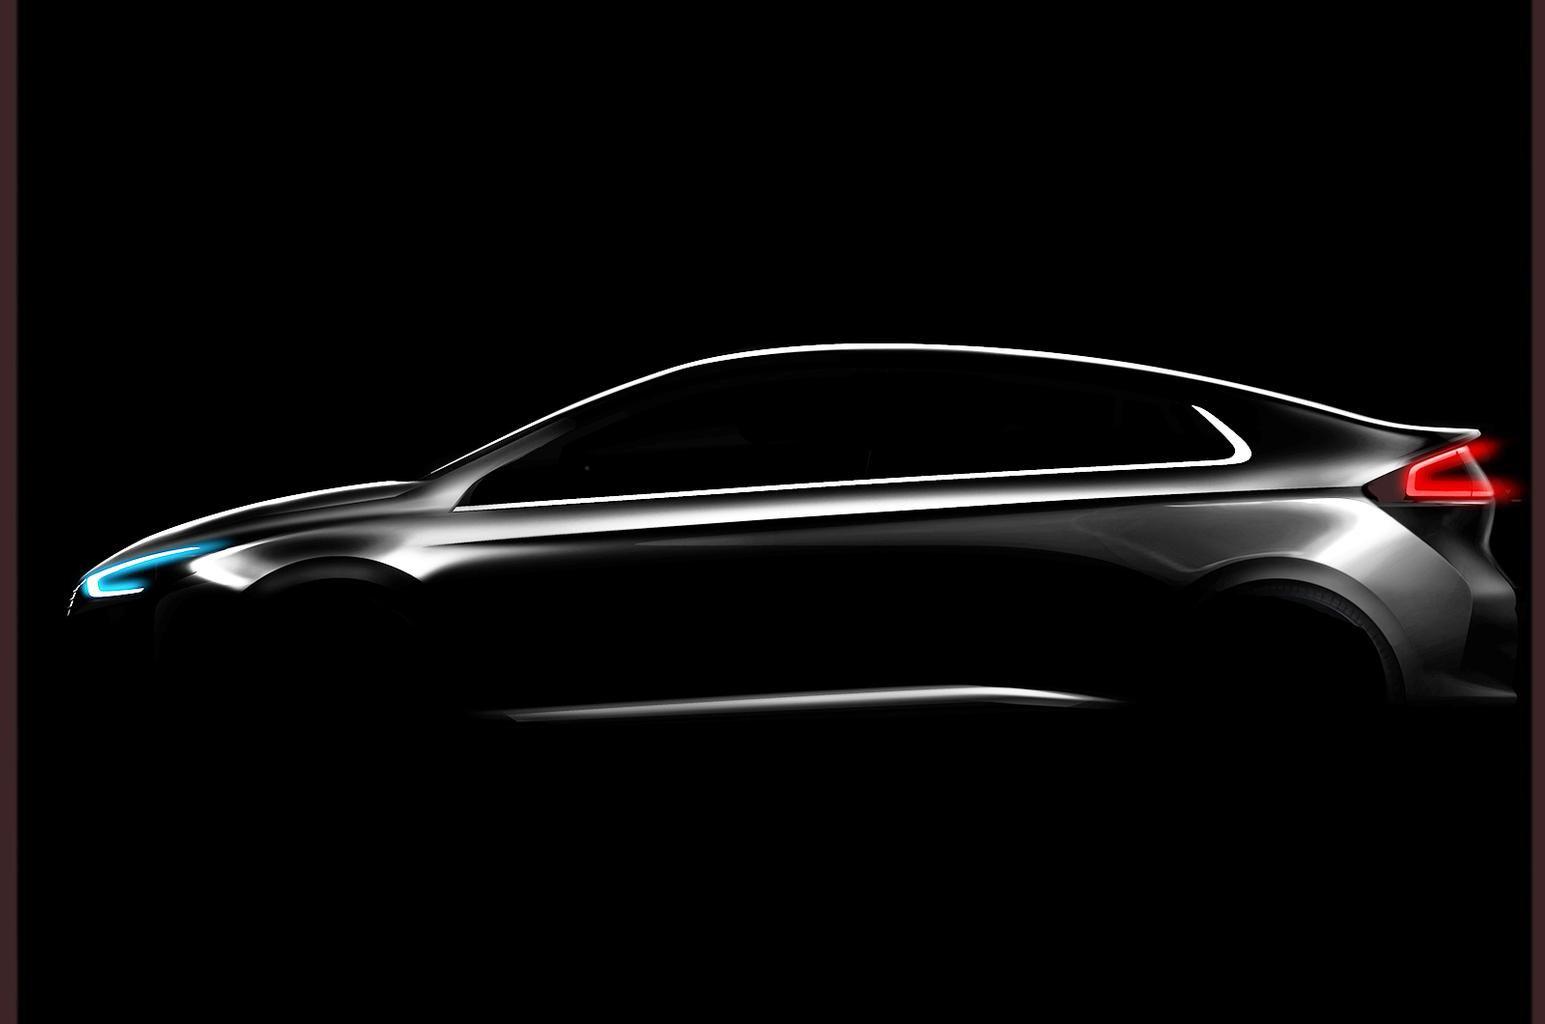 Hyundai Ioniq to rival Toyota Prius in 2016